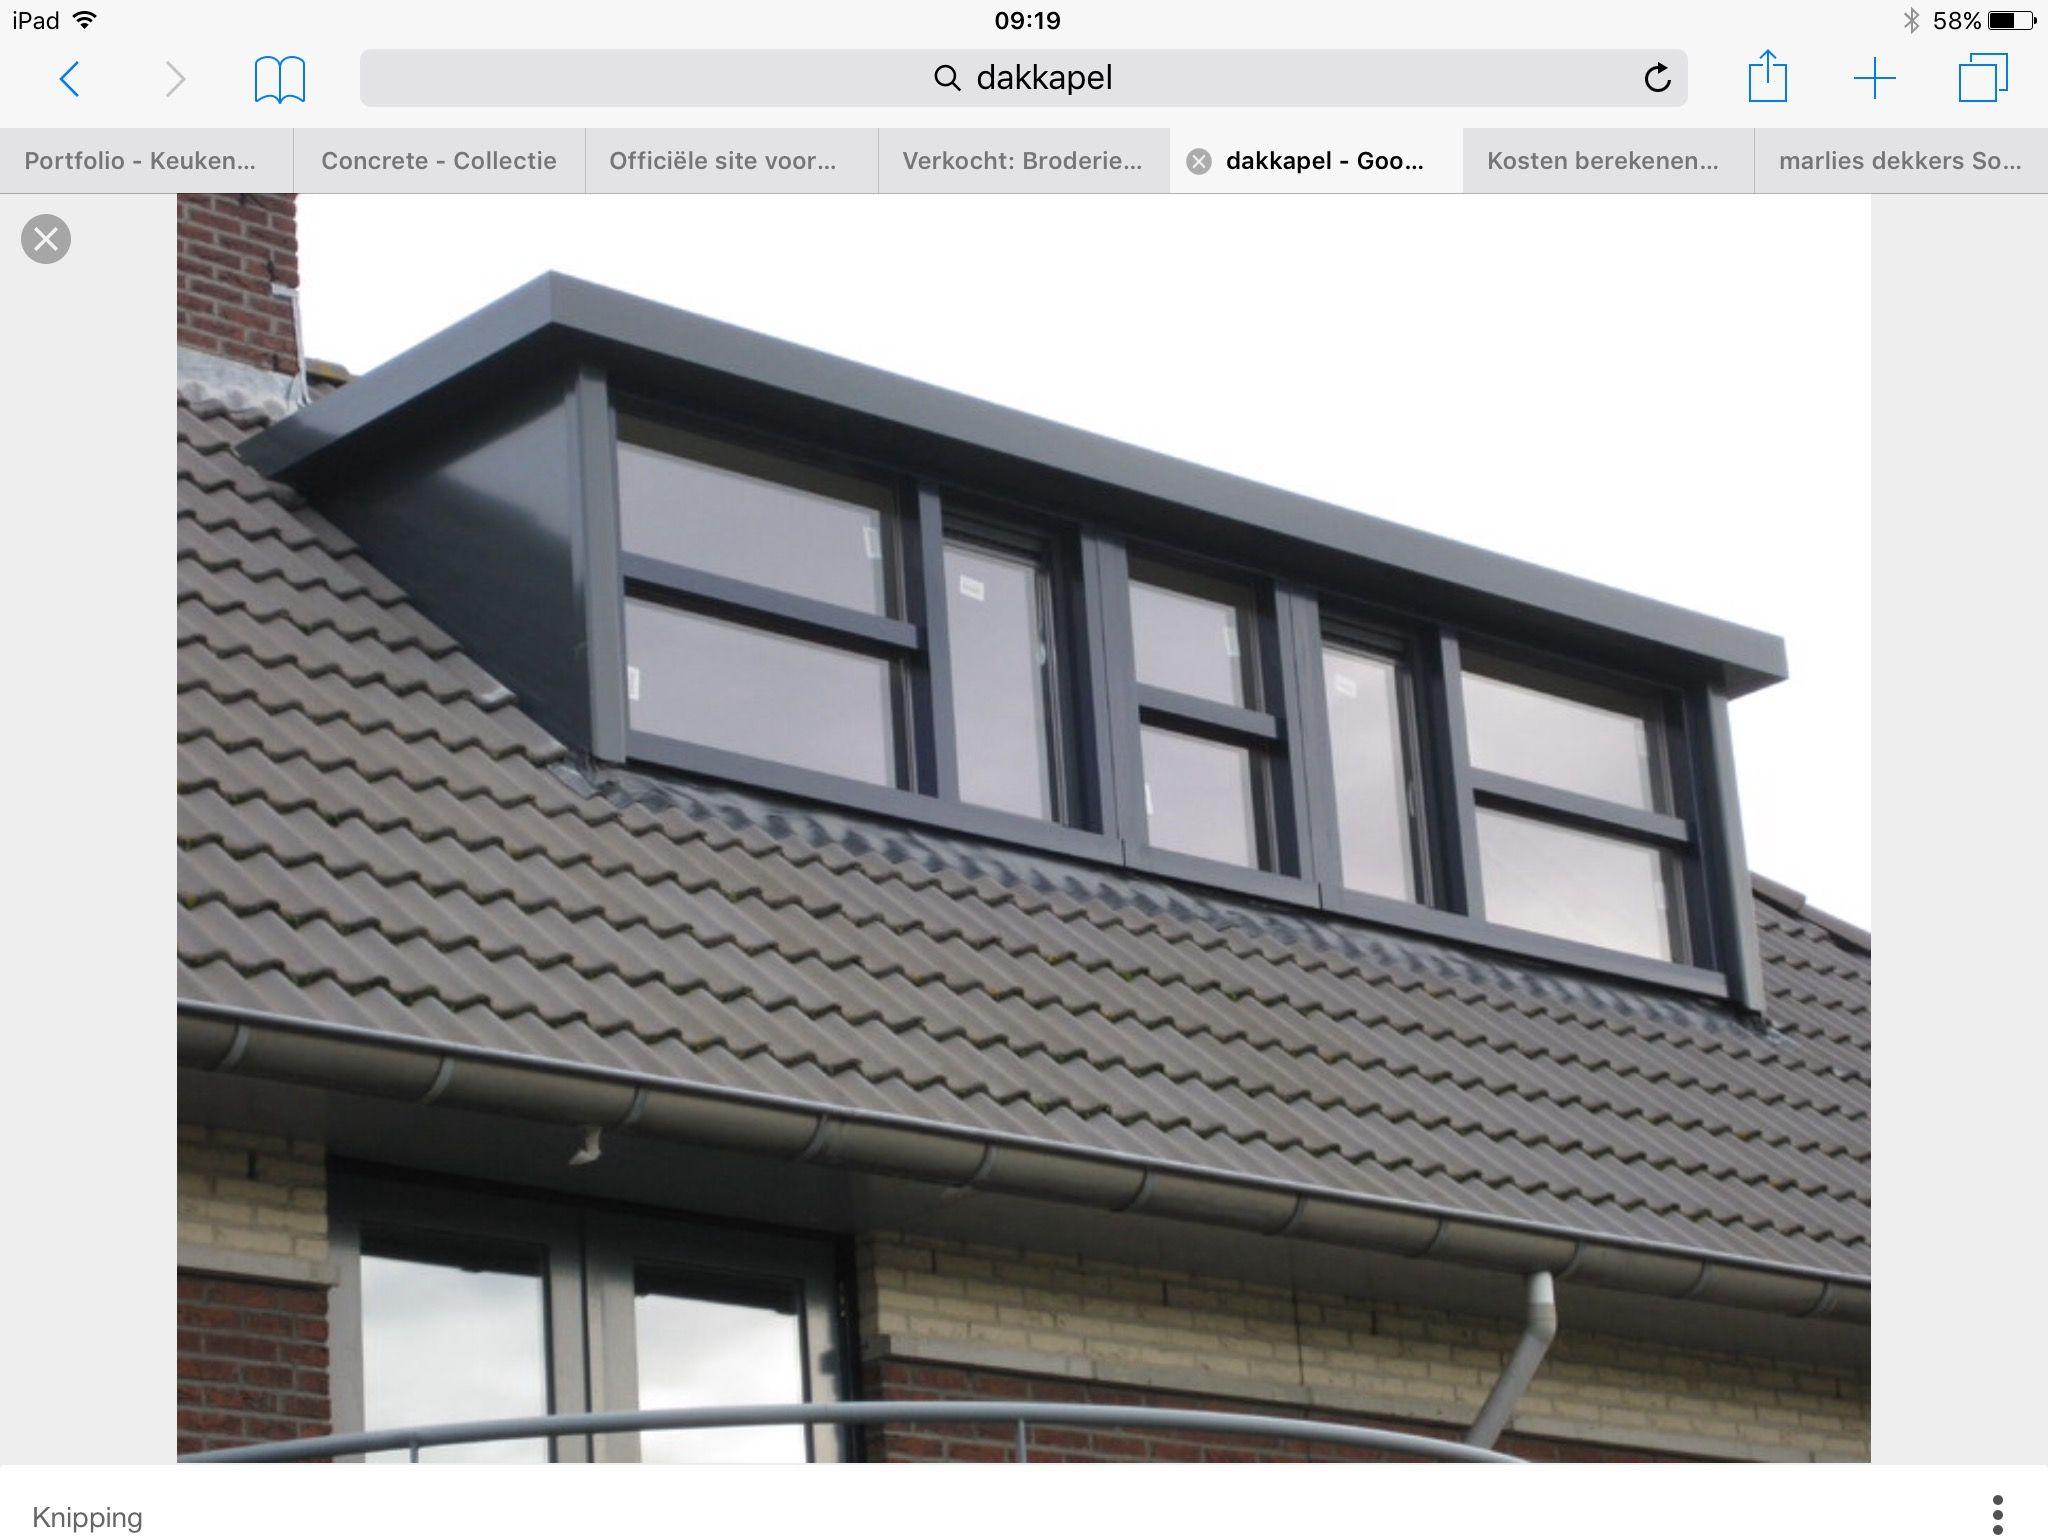 Dakkapel nieuwbouw en renovatie attic bungalow